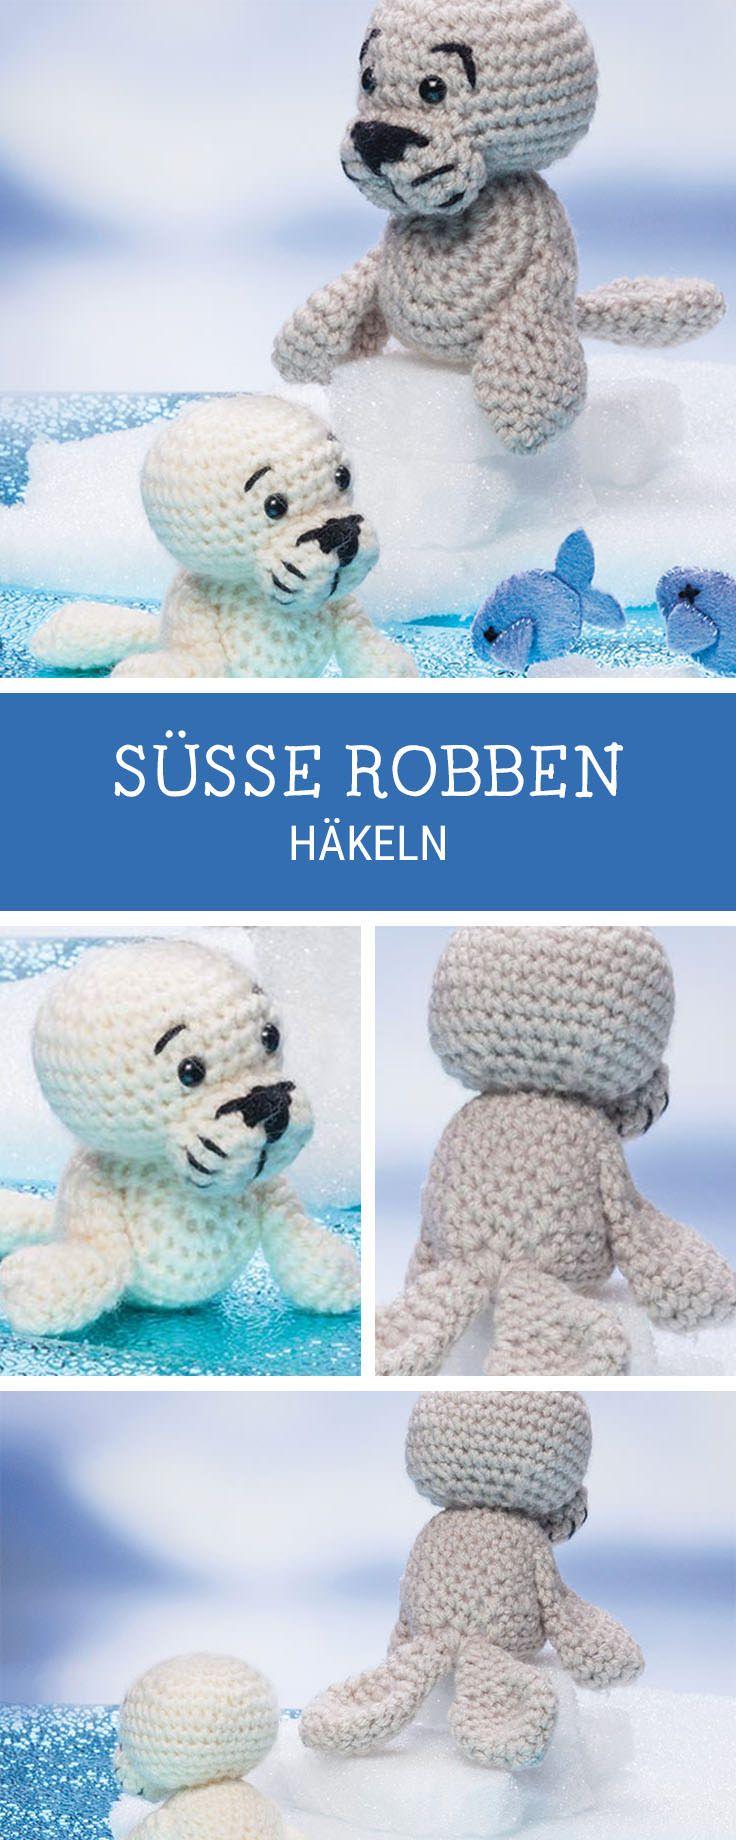 Amigurumi häkeln: Anleitung für Robben Strickfiguren in verschiedenen Größen / diy crocheting pattern for seals, amigurumi pattern via DaWanda.com